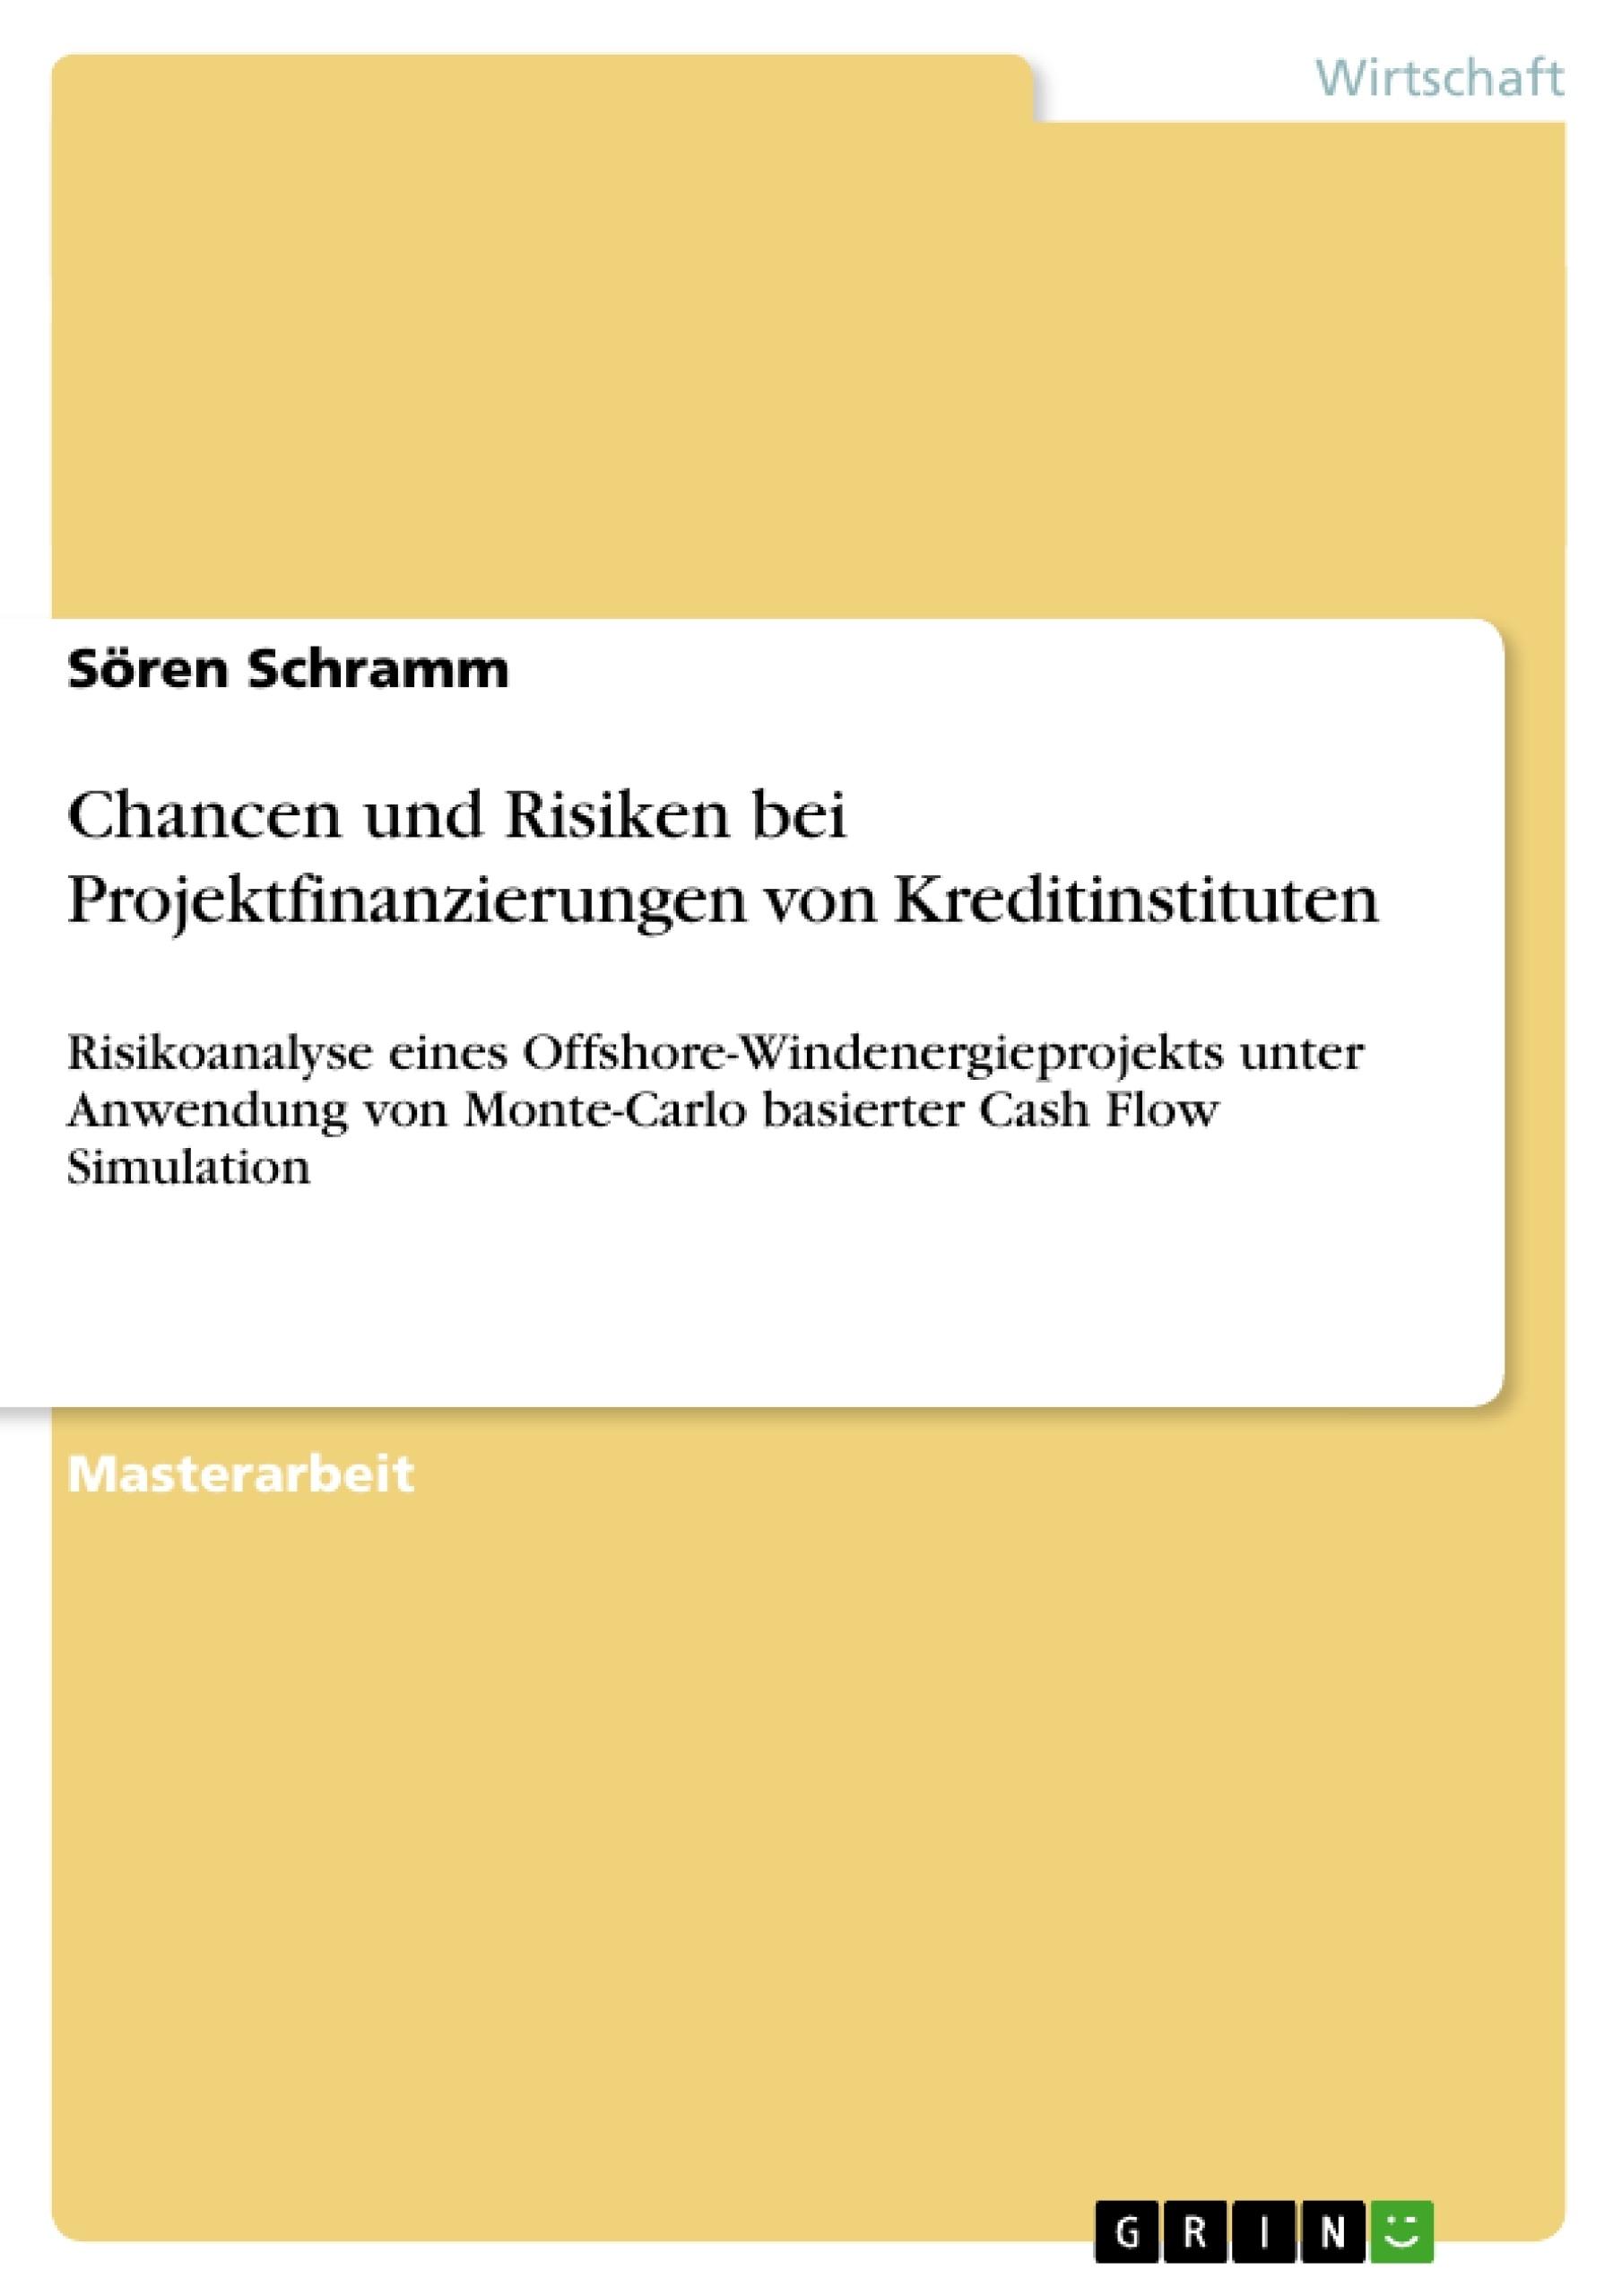 Titel: Chancen und Risiken bei Projektfinanzierungen von Kreditinstituten